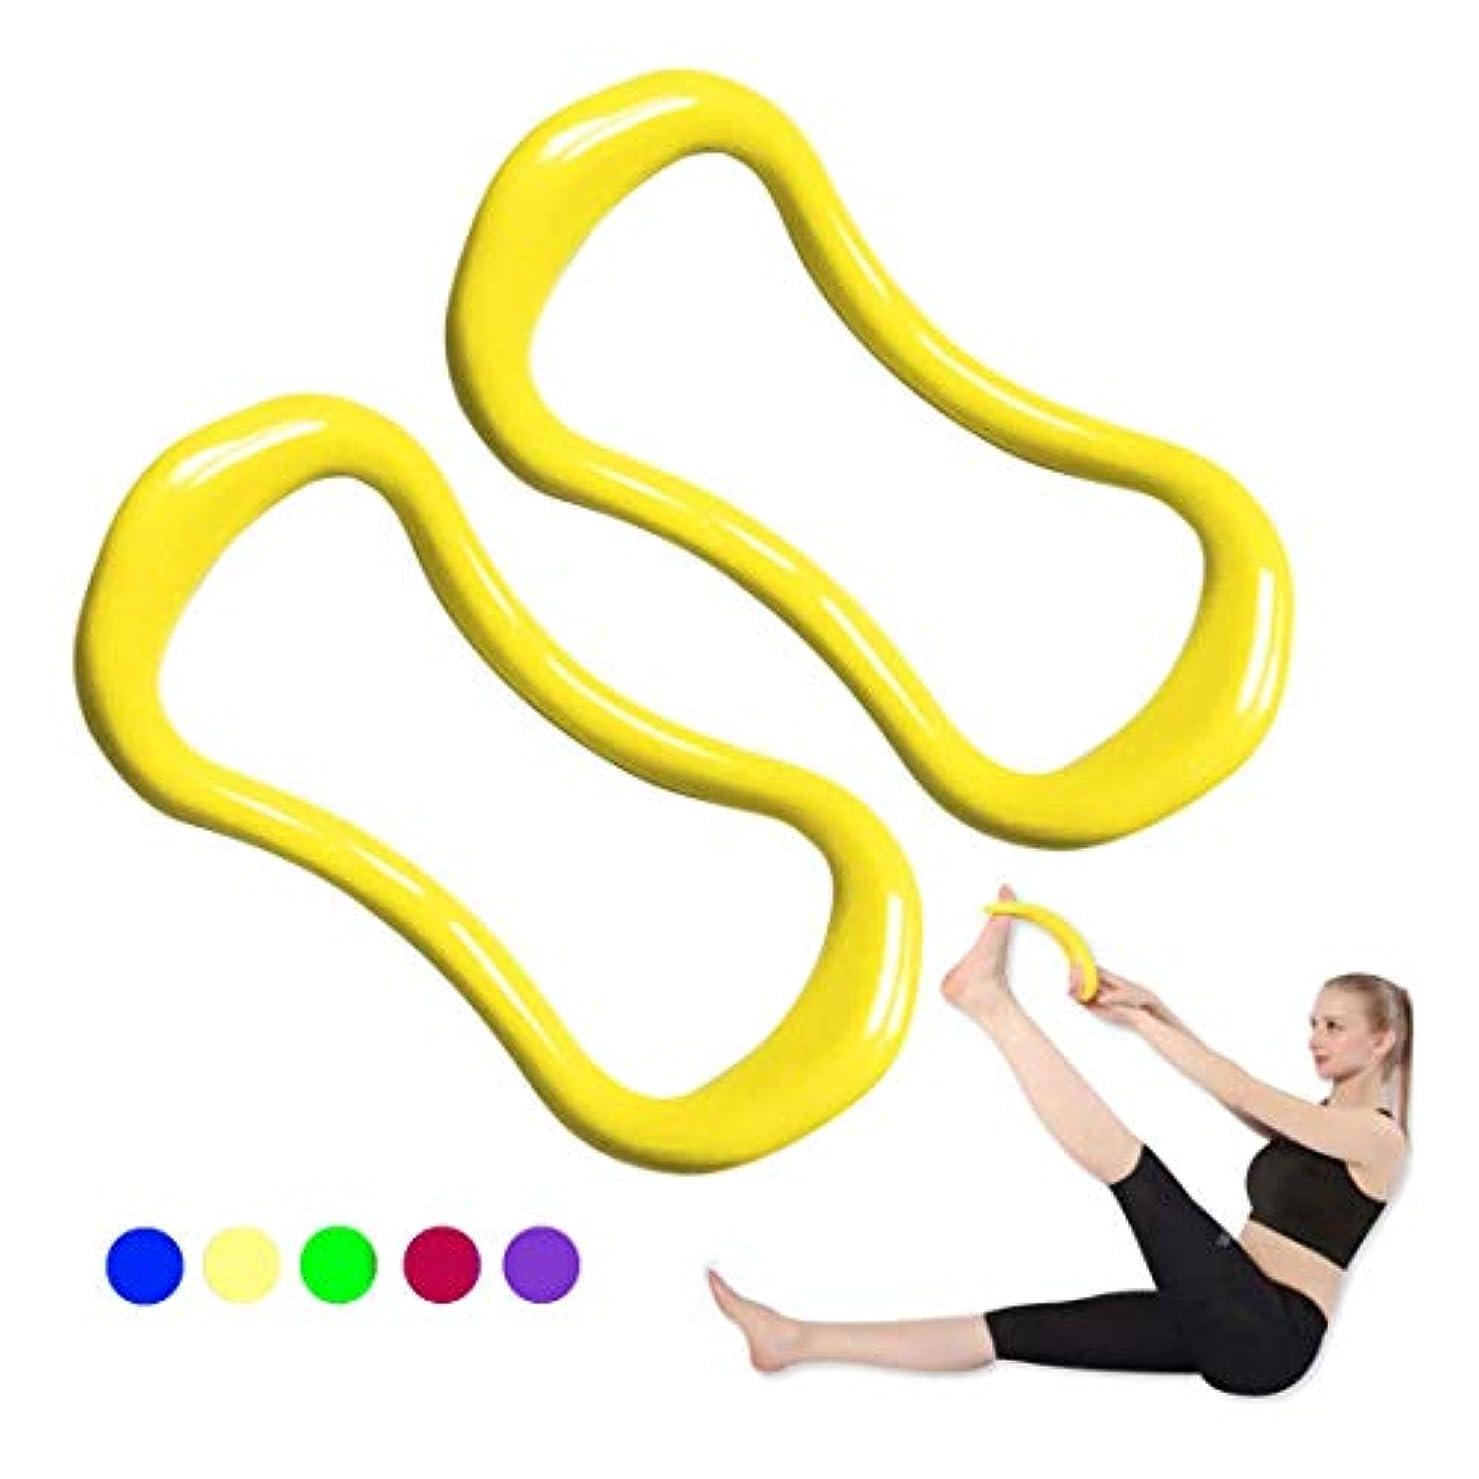 息子着服プリーツヨガピラティスリング、腕のためのトレーニング機器、戻ると脚の痛み調整可能なソフトフルボディトーニングフィットネスサークル (Color : Yellow, Size : 2PCS)